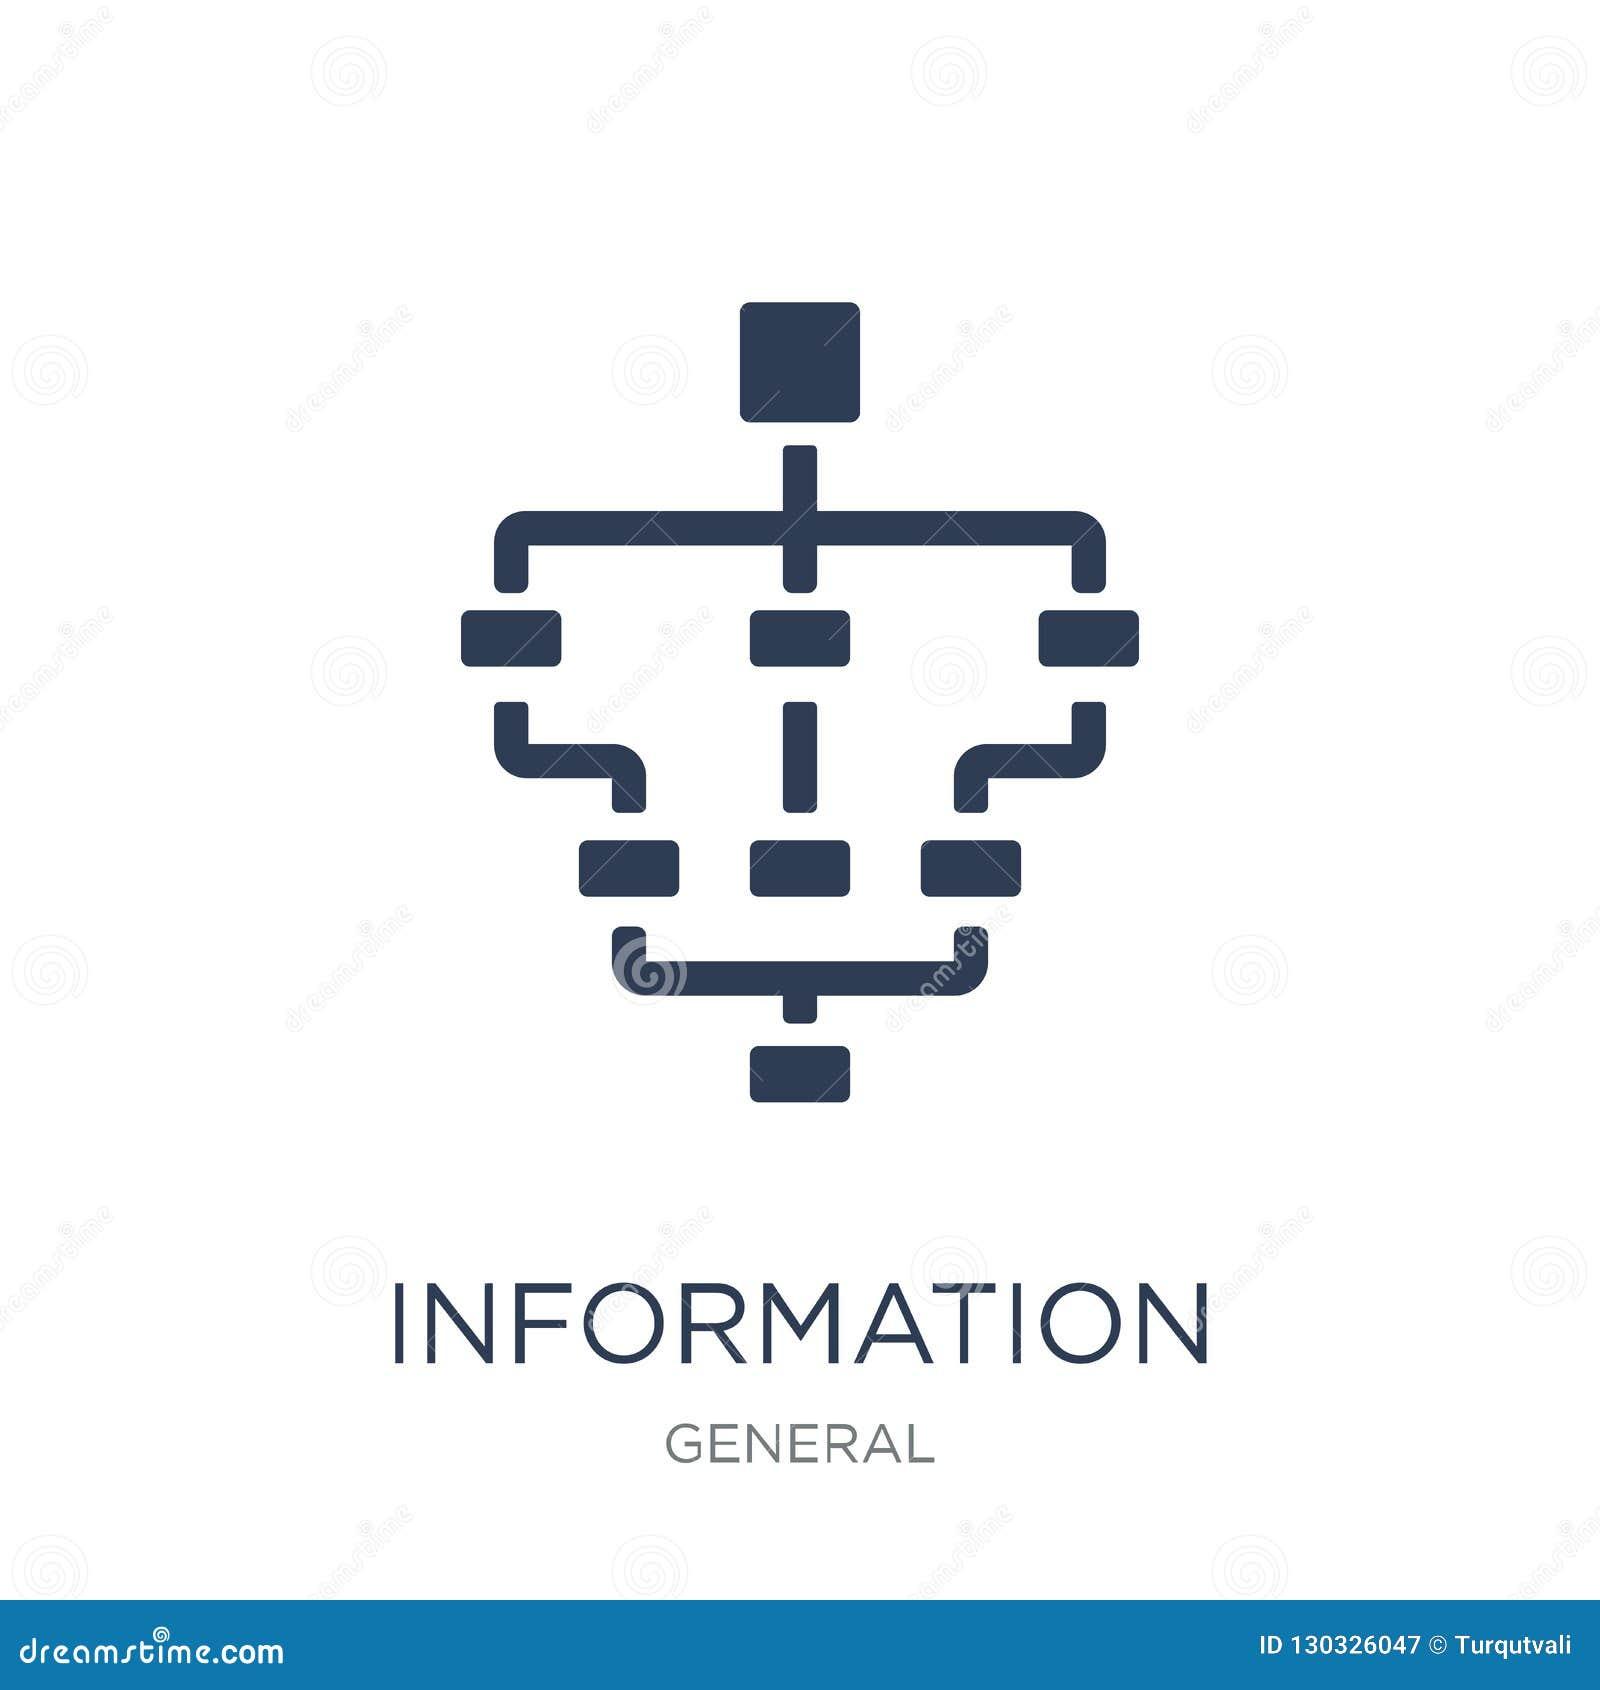 εικονίδιο αρχιτεκτονικής πληροφοριών Καθιερώνουσες τη μόδα επίπεδες διανυσματικές πληροφορίες AR